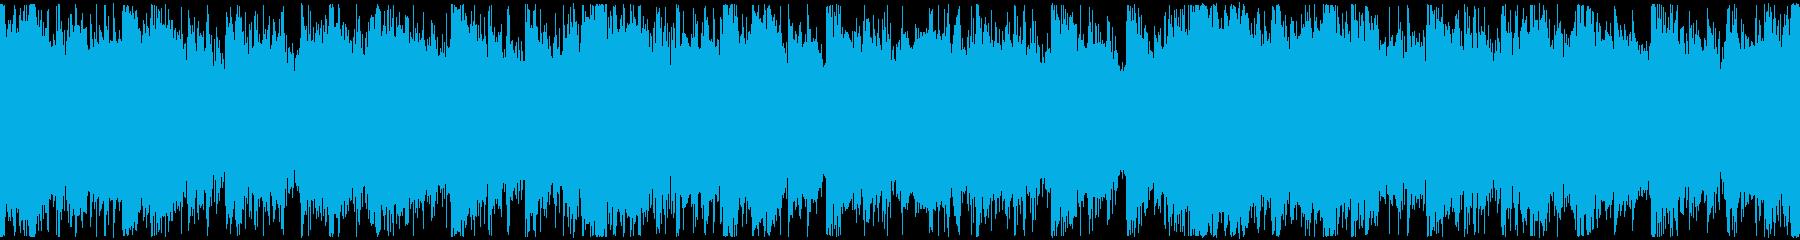 シネマティックな雄大で美しい曲 ループの再生済みの波形